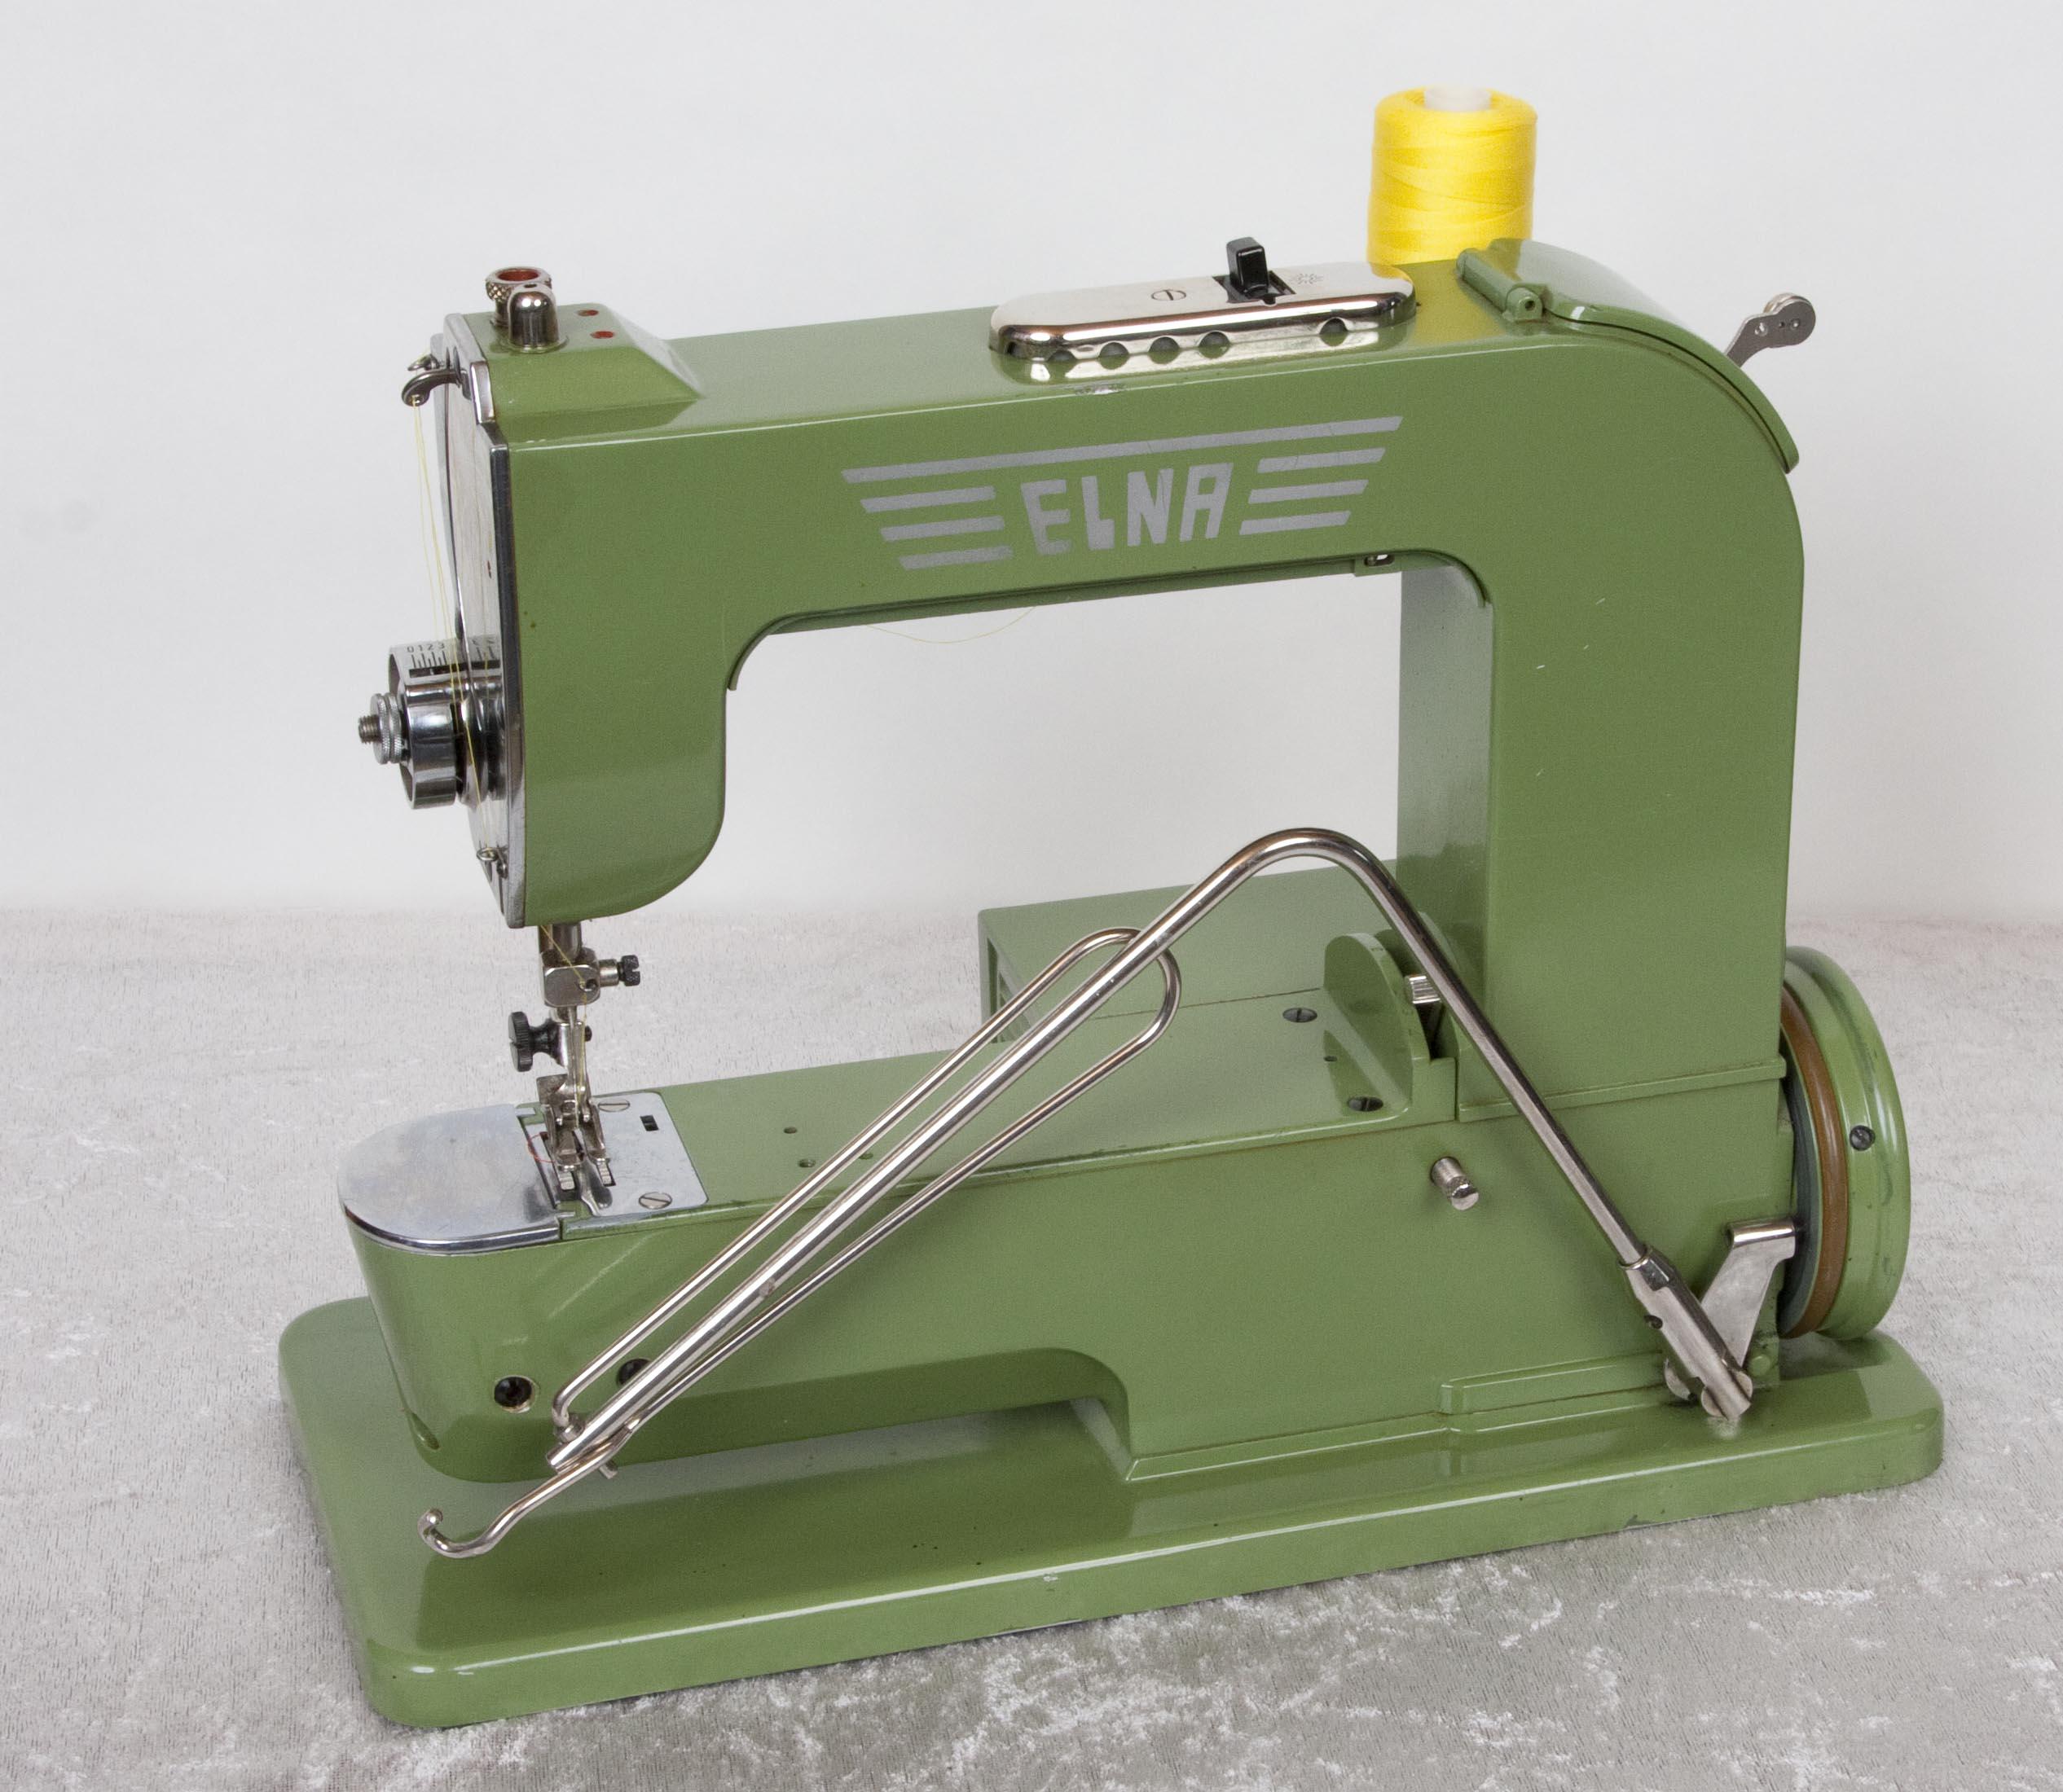 brugt symaskine